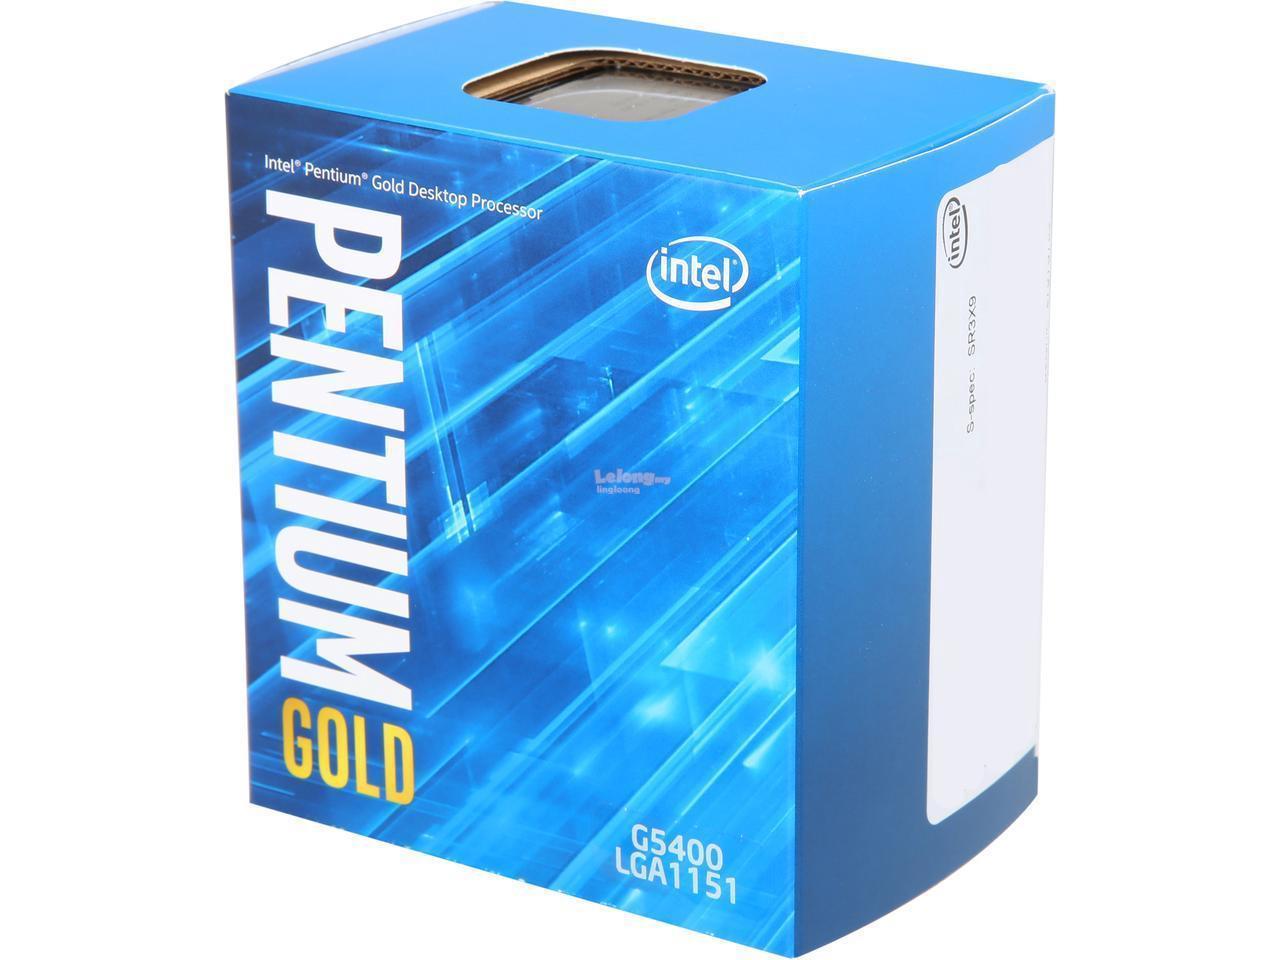 intel-pentium-gold-g5400-dual-core-cpu-processor-lga-1151-lingloong-1804-27-lingloong@8